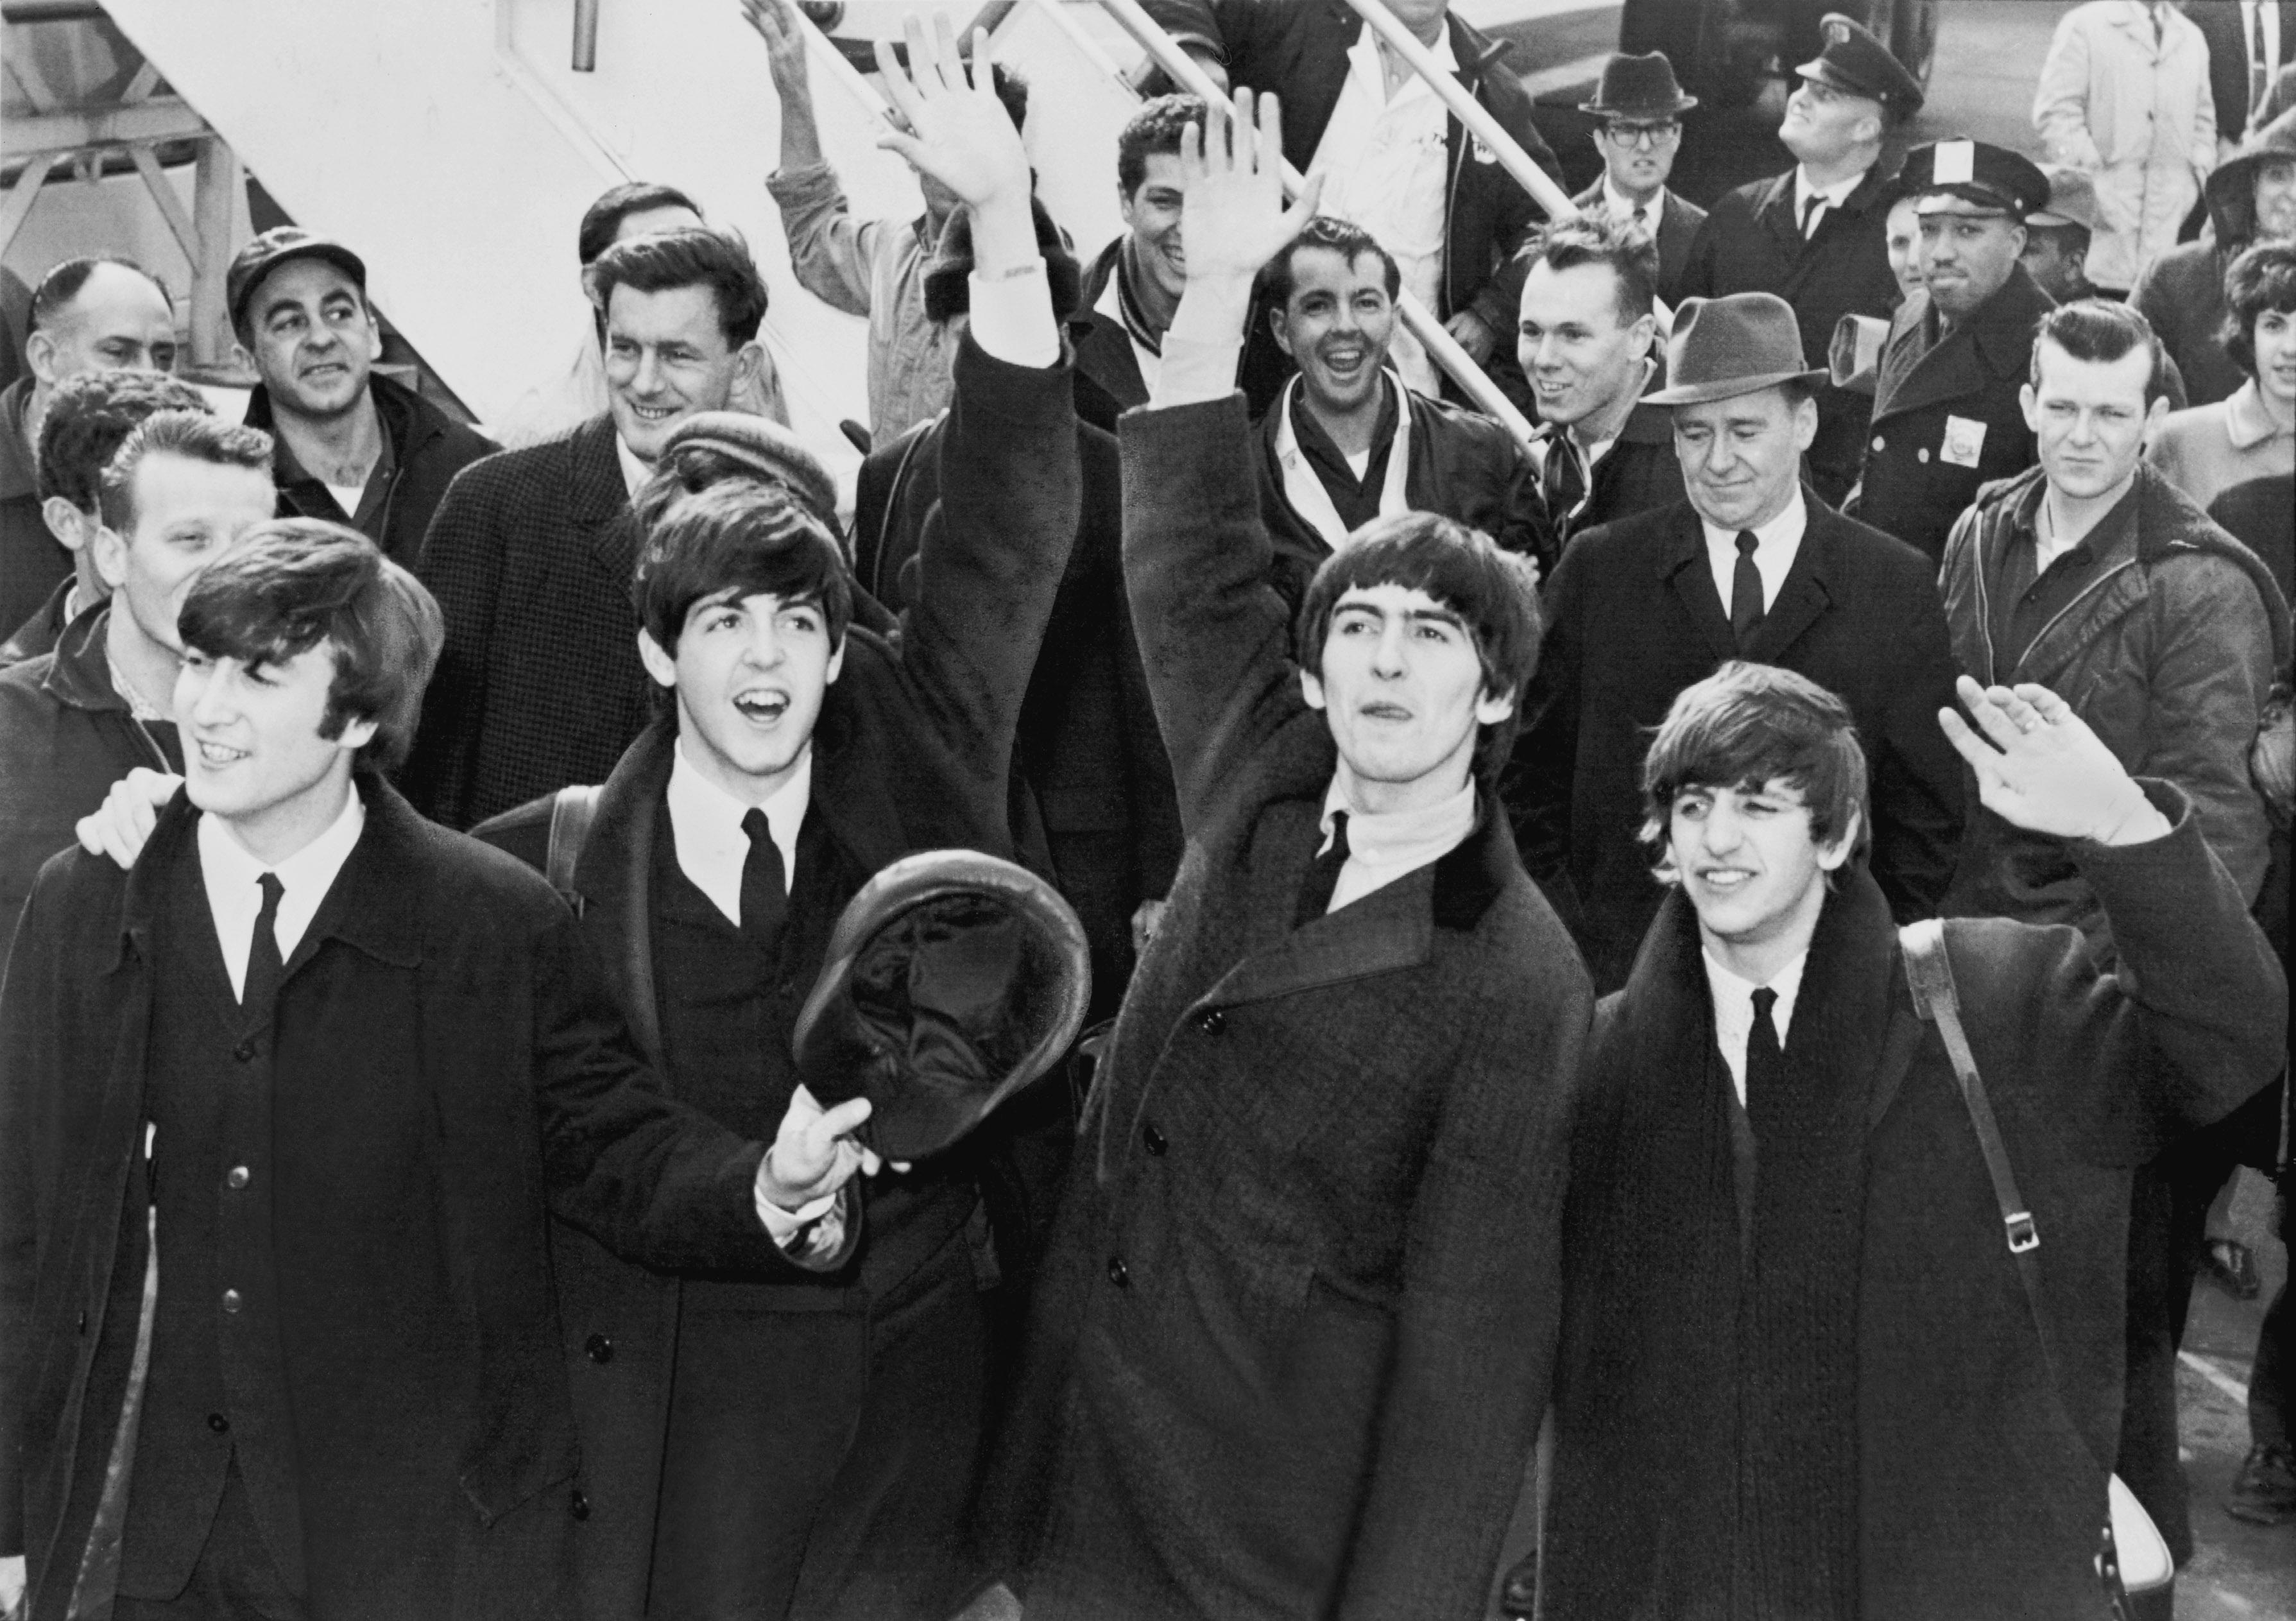 Httpmapsnycgovdoittnycitymaptemplate Comment The Beatles On Itunes Faded Glamour